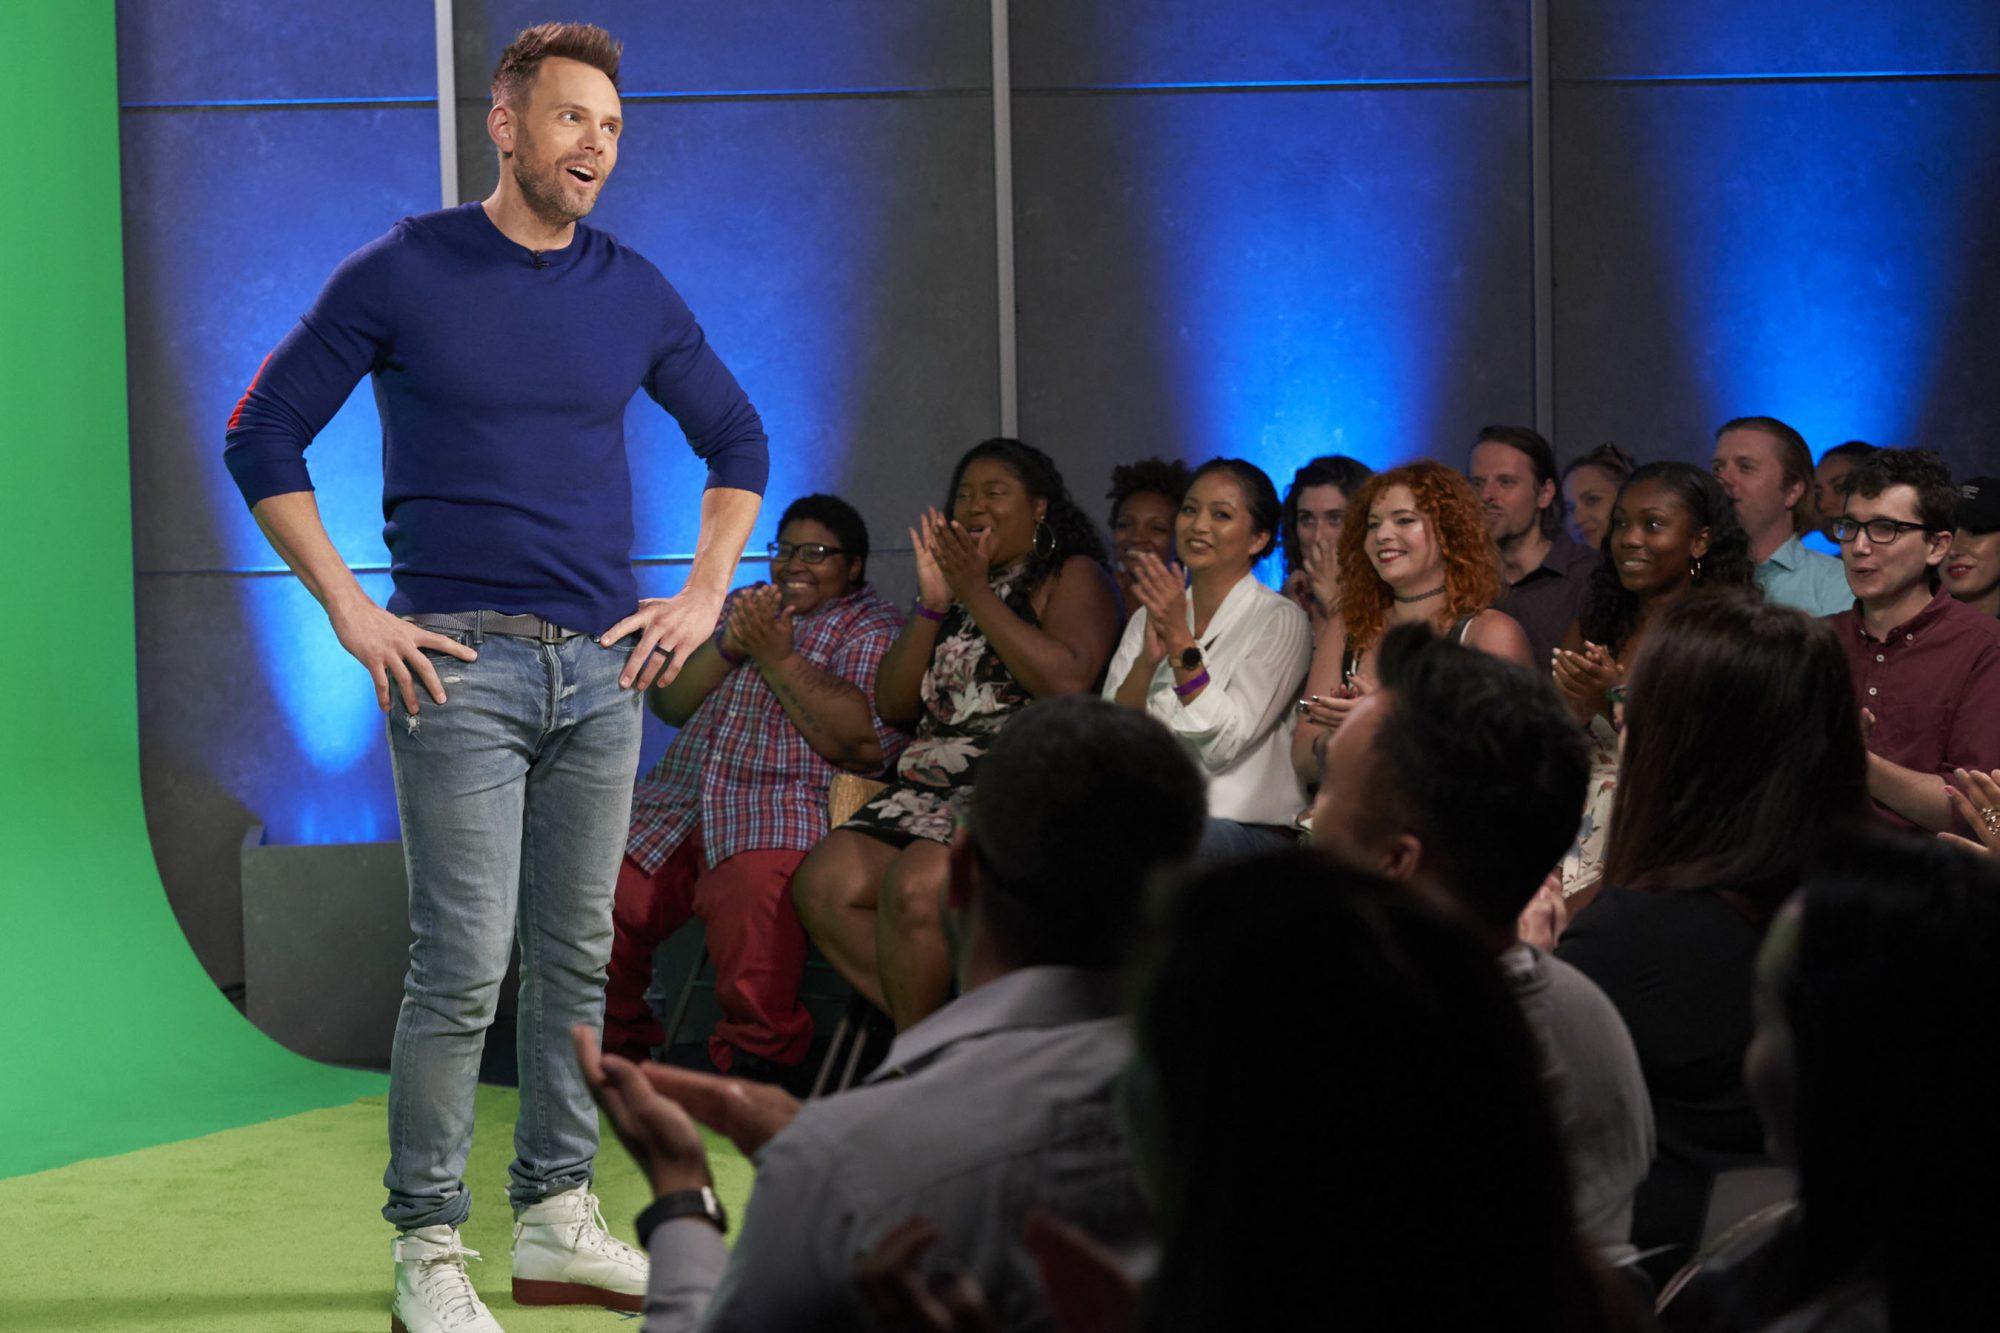 The Joel McHale Show with Joel McHaleTHE JOEL MCHALE SHOW WITH JOEL MCHALE - PRODUCTION STILLS - 004DESCRIPTIONPart 2SEASONPart 2PHOTO CREDITGreg Gayne / NetflixPICTUREDJoel McHale